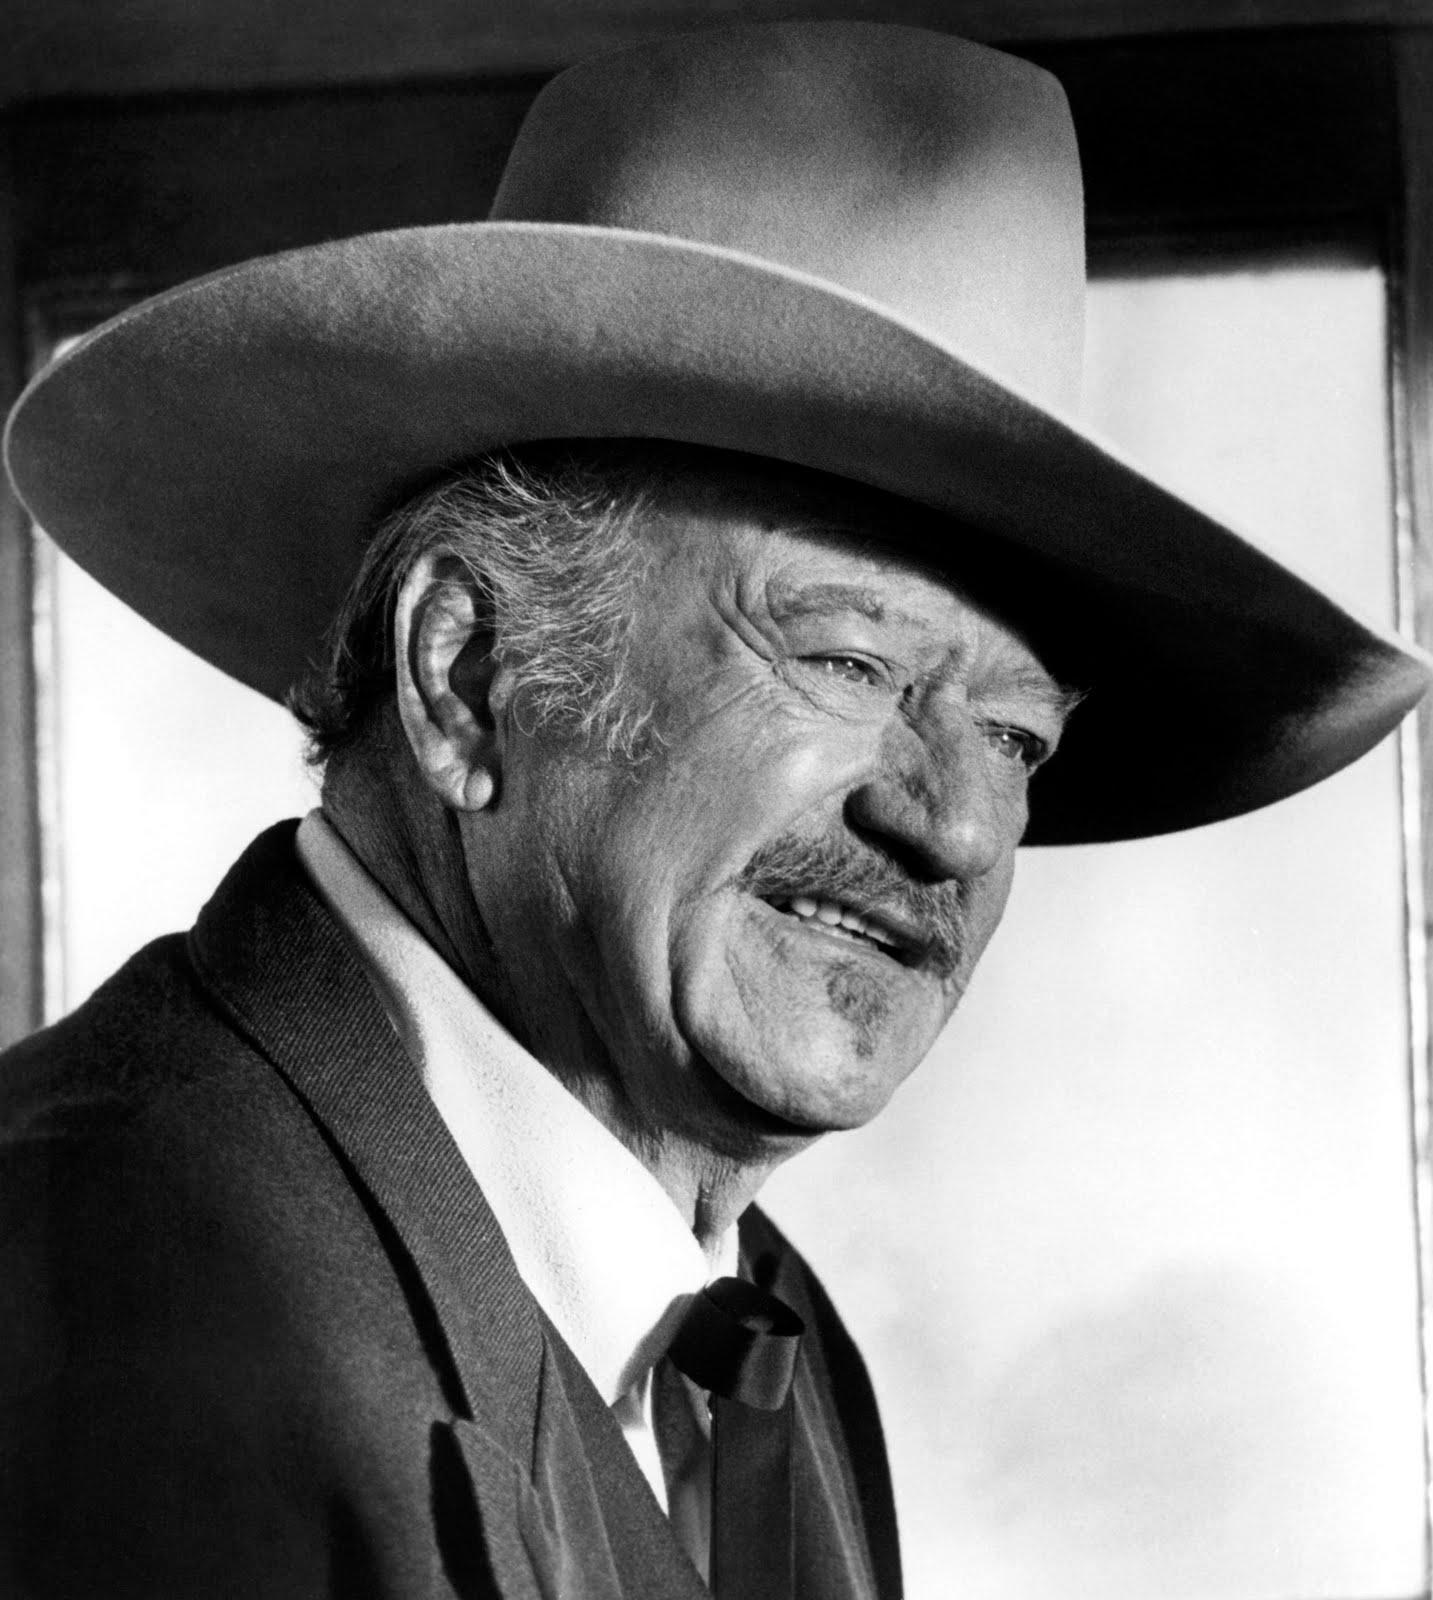 Amerikalı aktör John Wayne. tarihte bugün